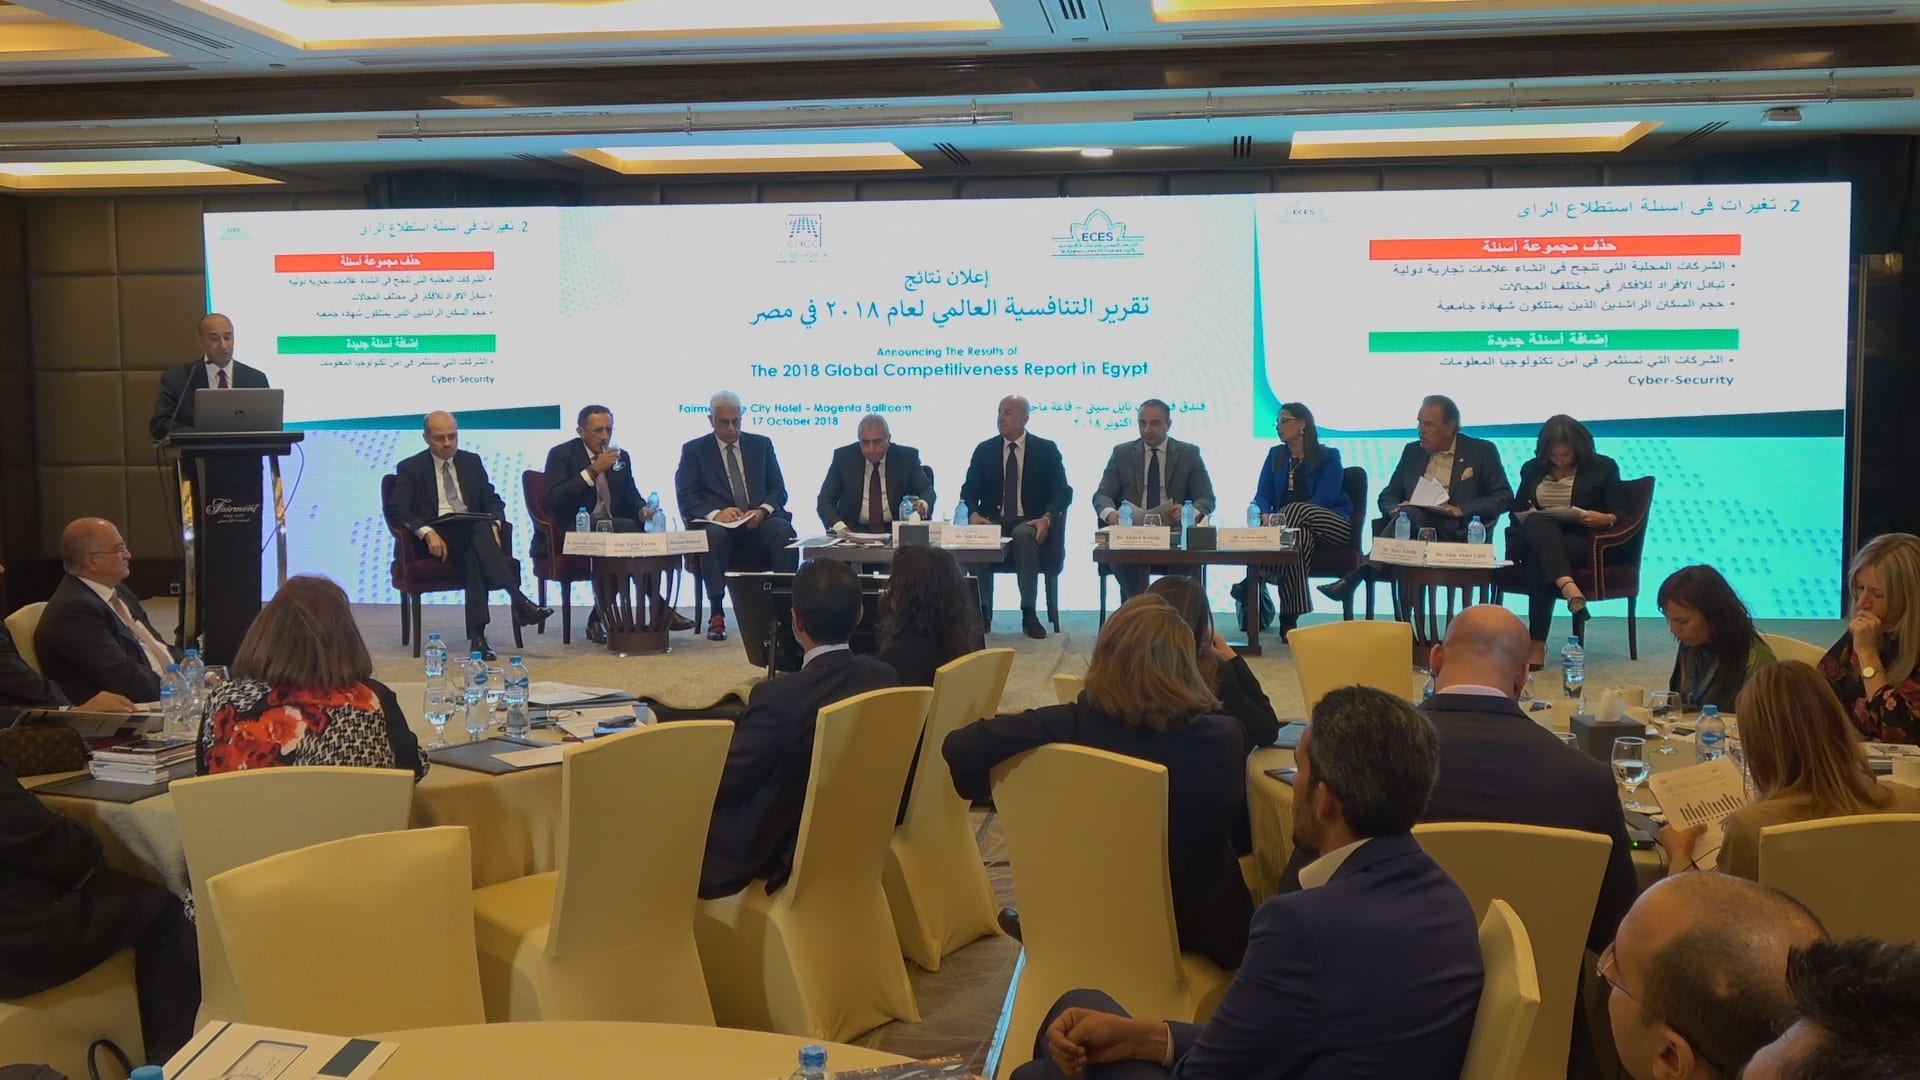 مصر ٩٤ عالميا في تنافسية الاقتصاد..خبراء يفسرون